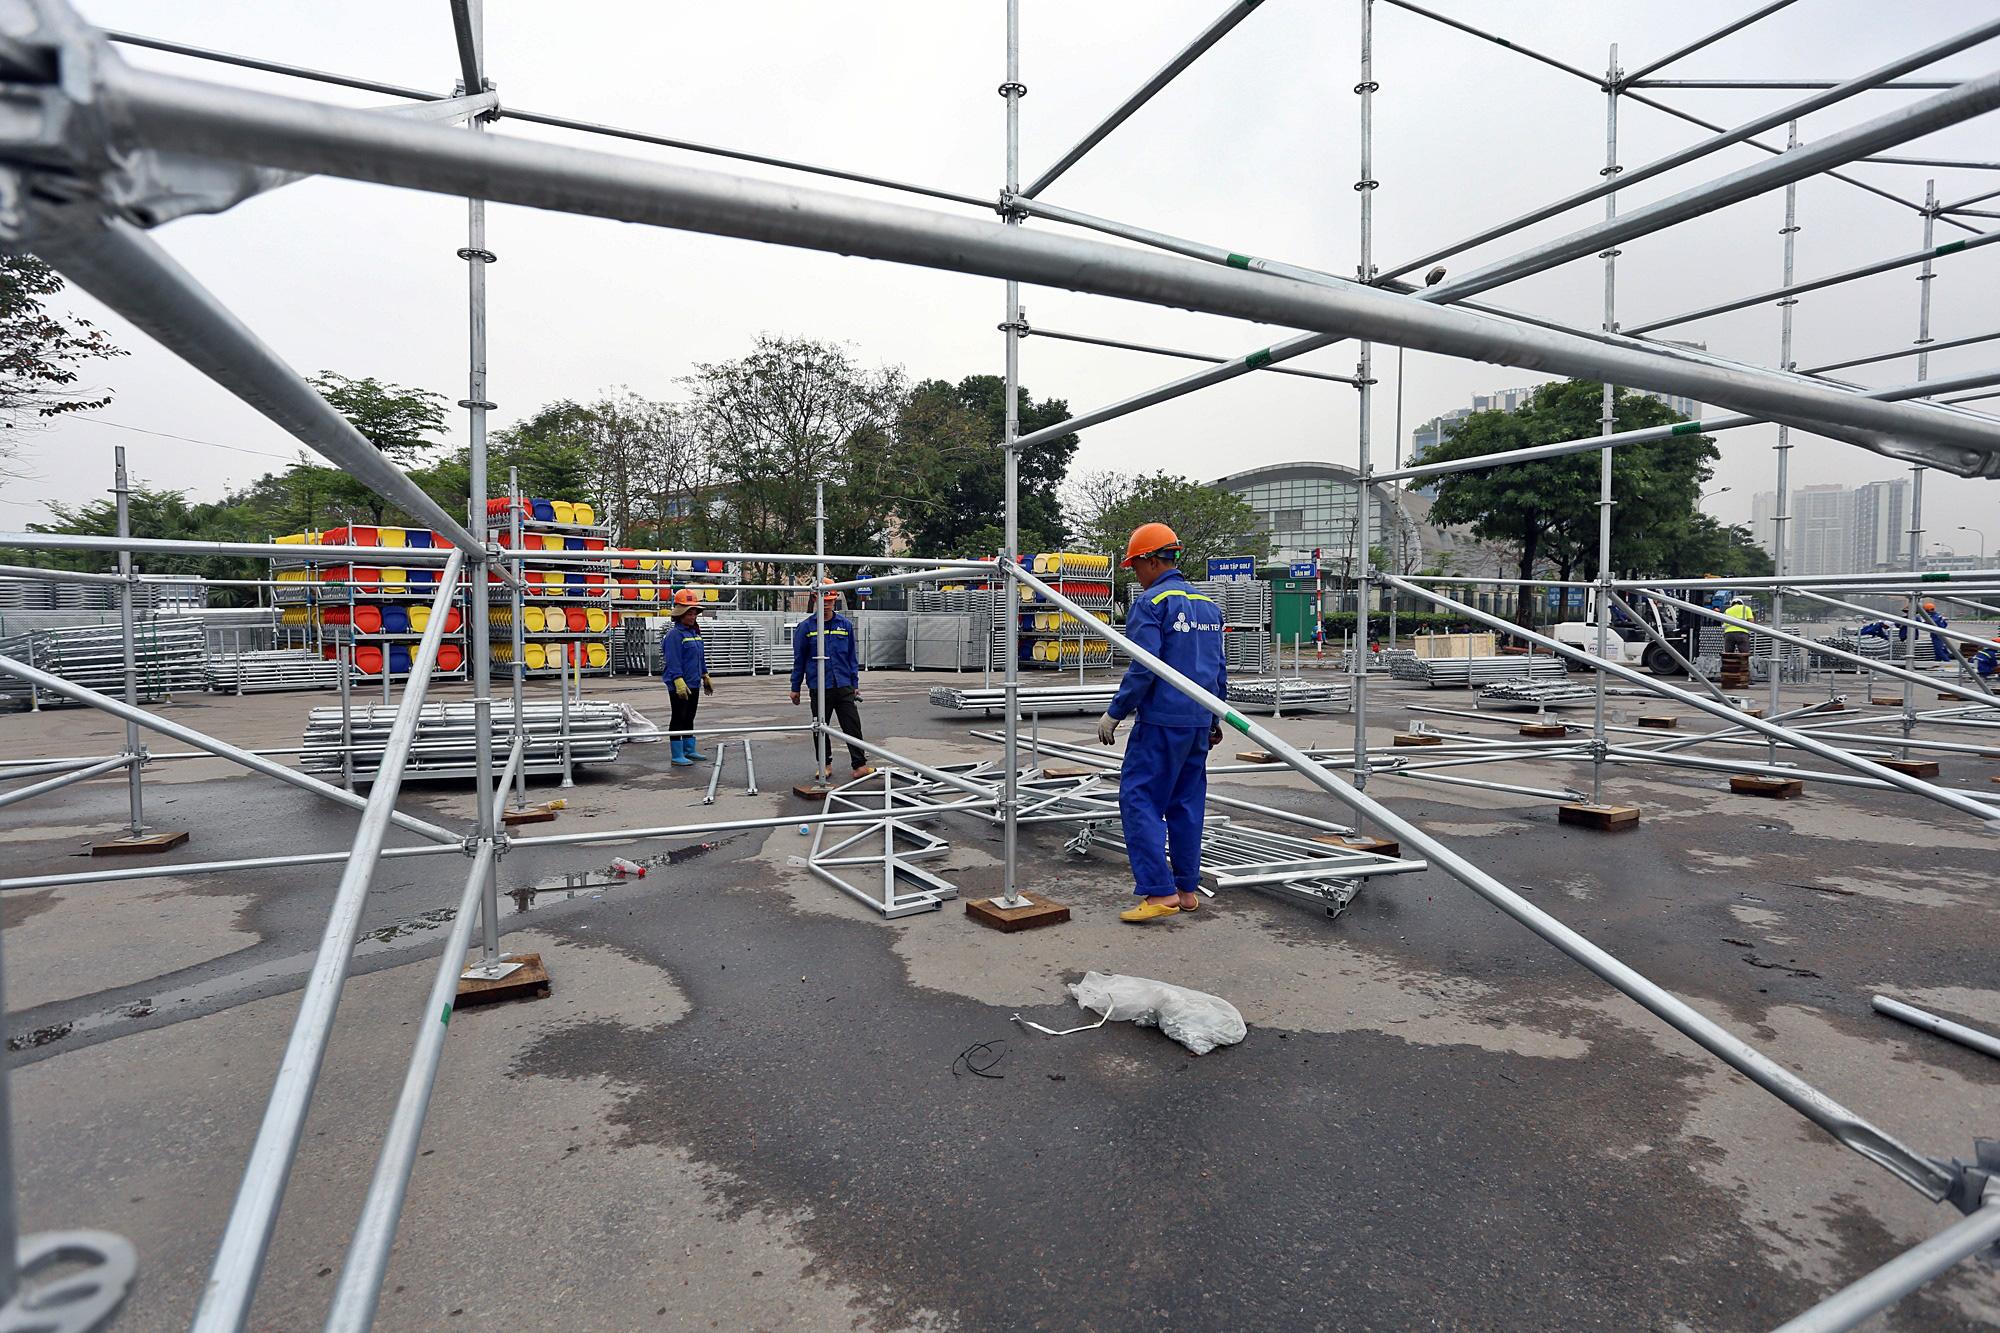 Hoãn đua F1 Hà Nội vì dịch Covid-19, khán đài di động bị tháo dỡ - Ảnh 6.